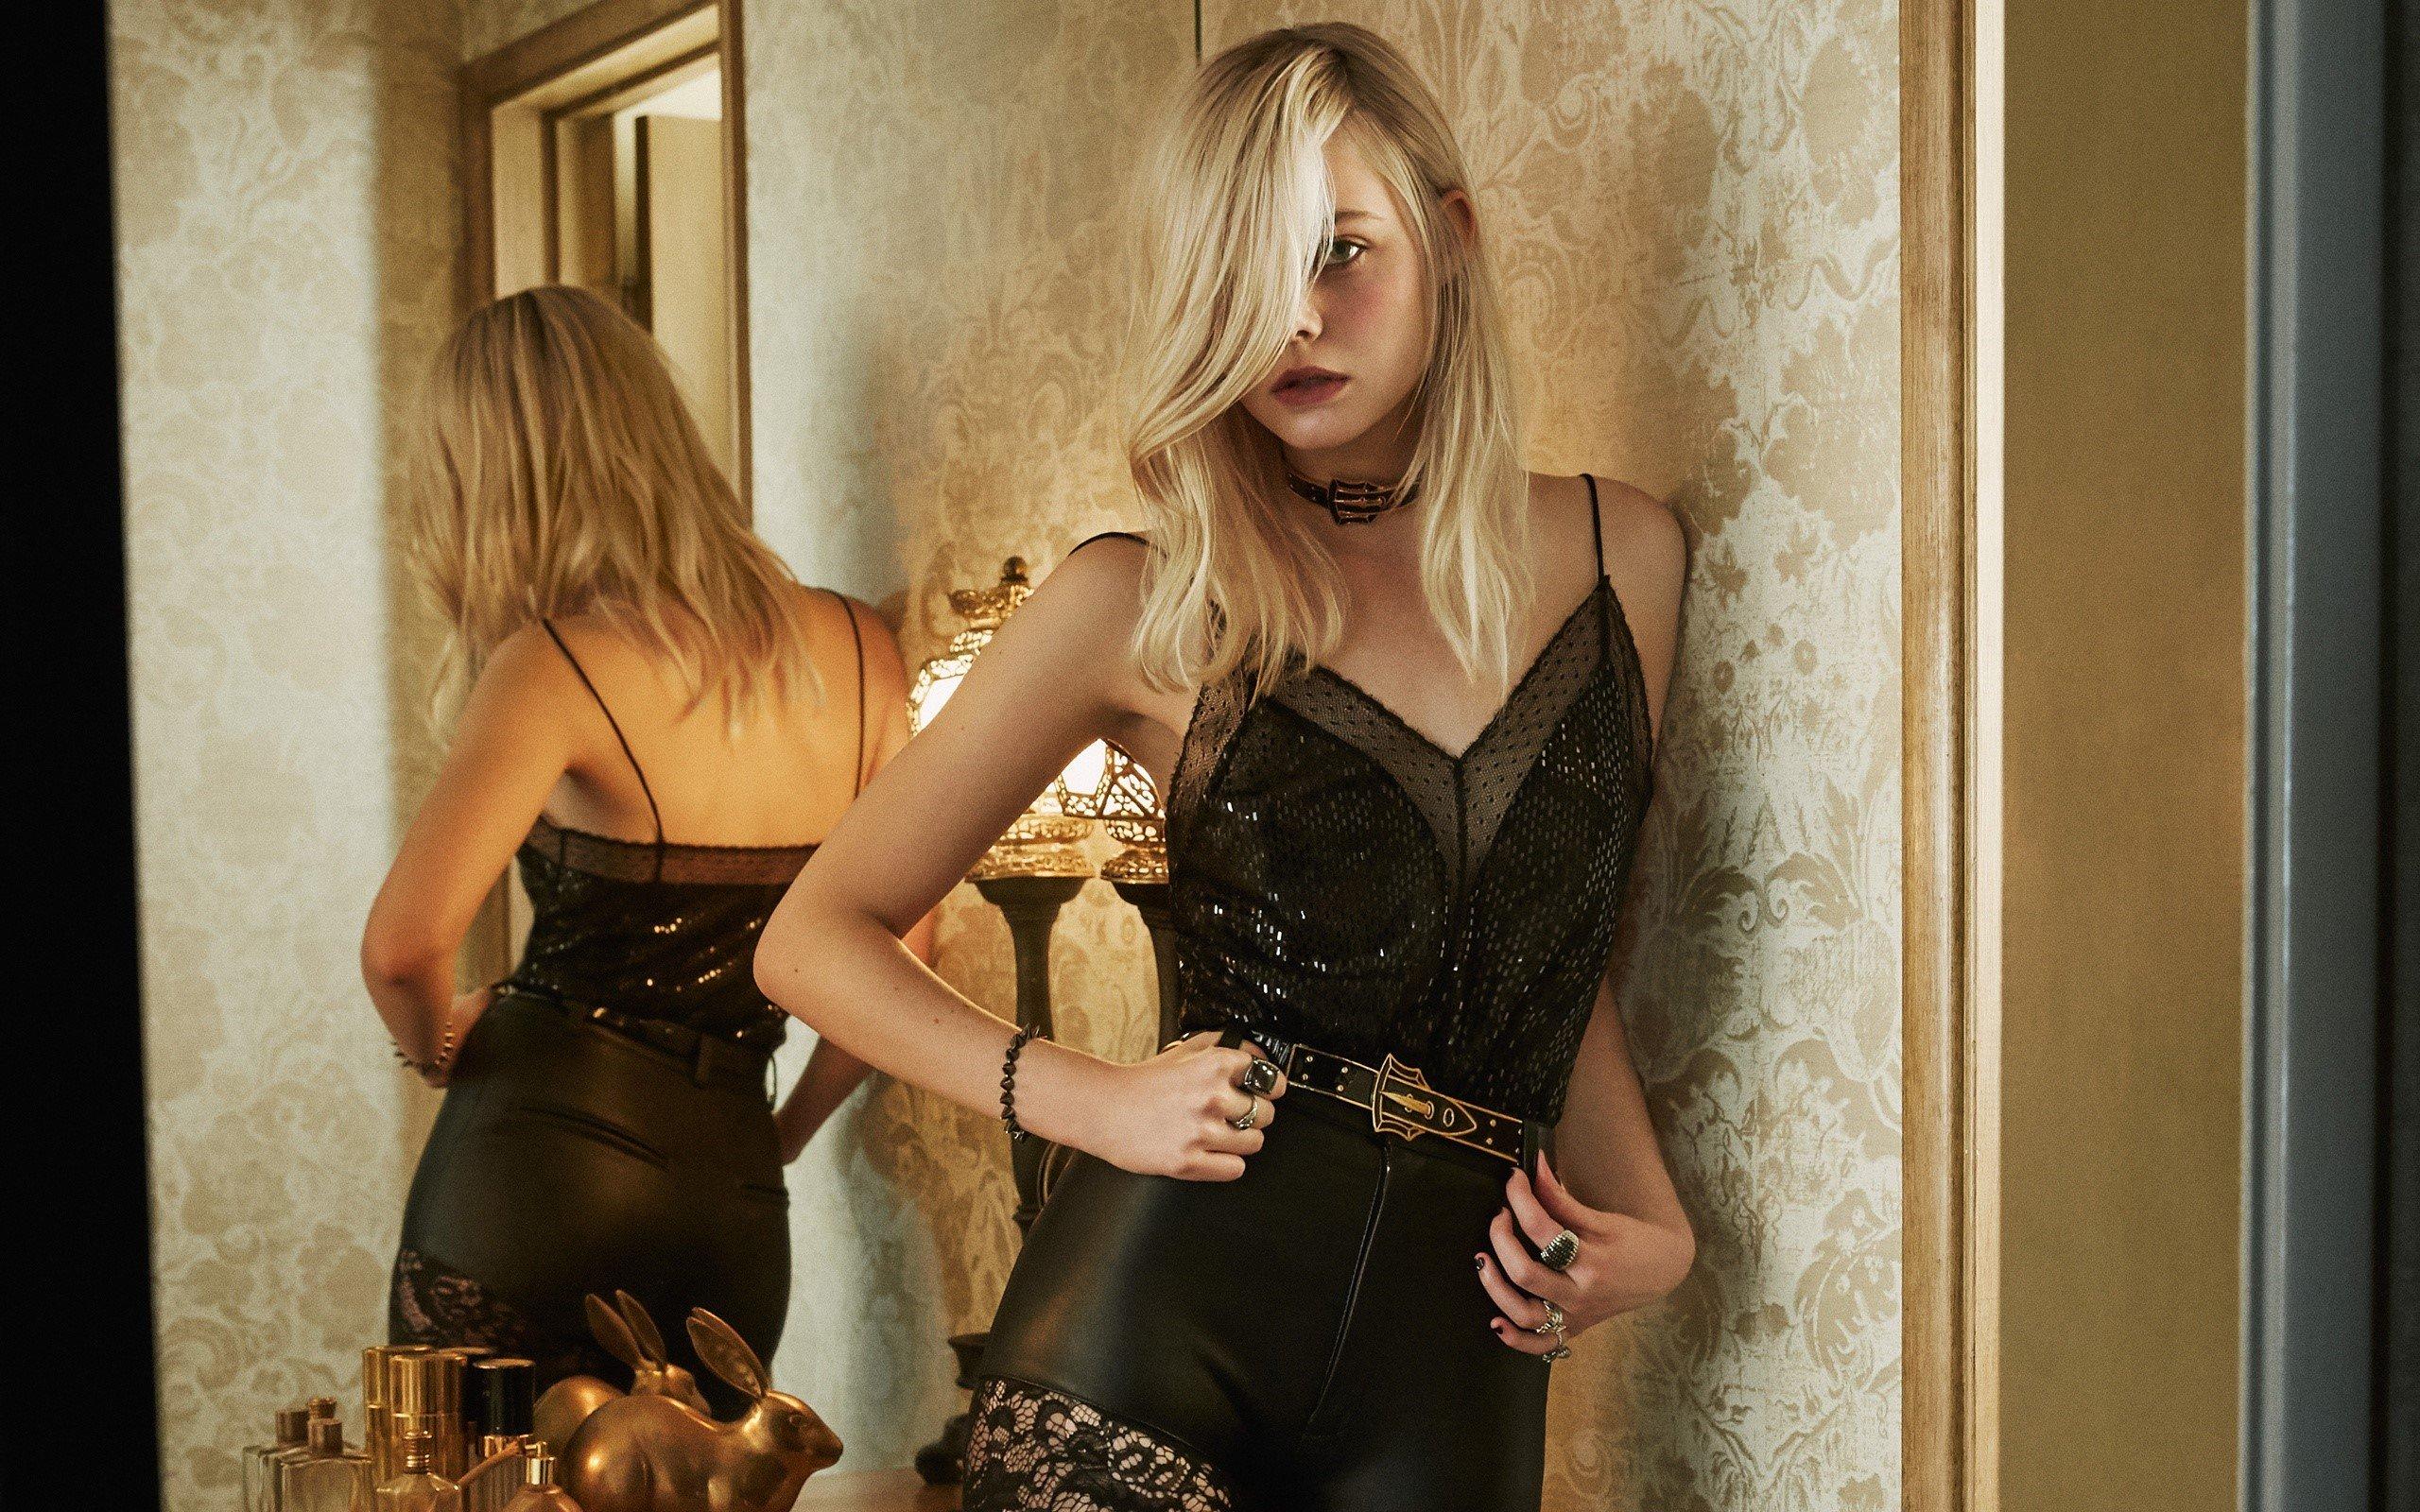 Fondos de pantalla Elle Fanning de espaldas en un espejo